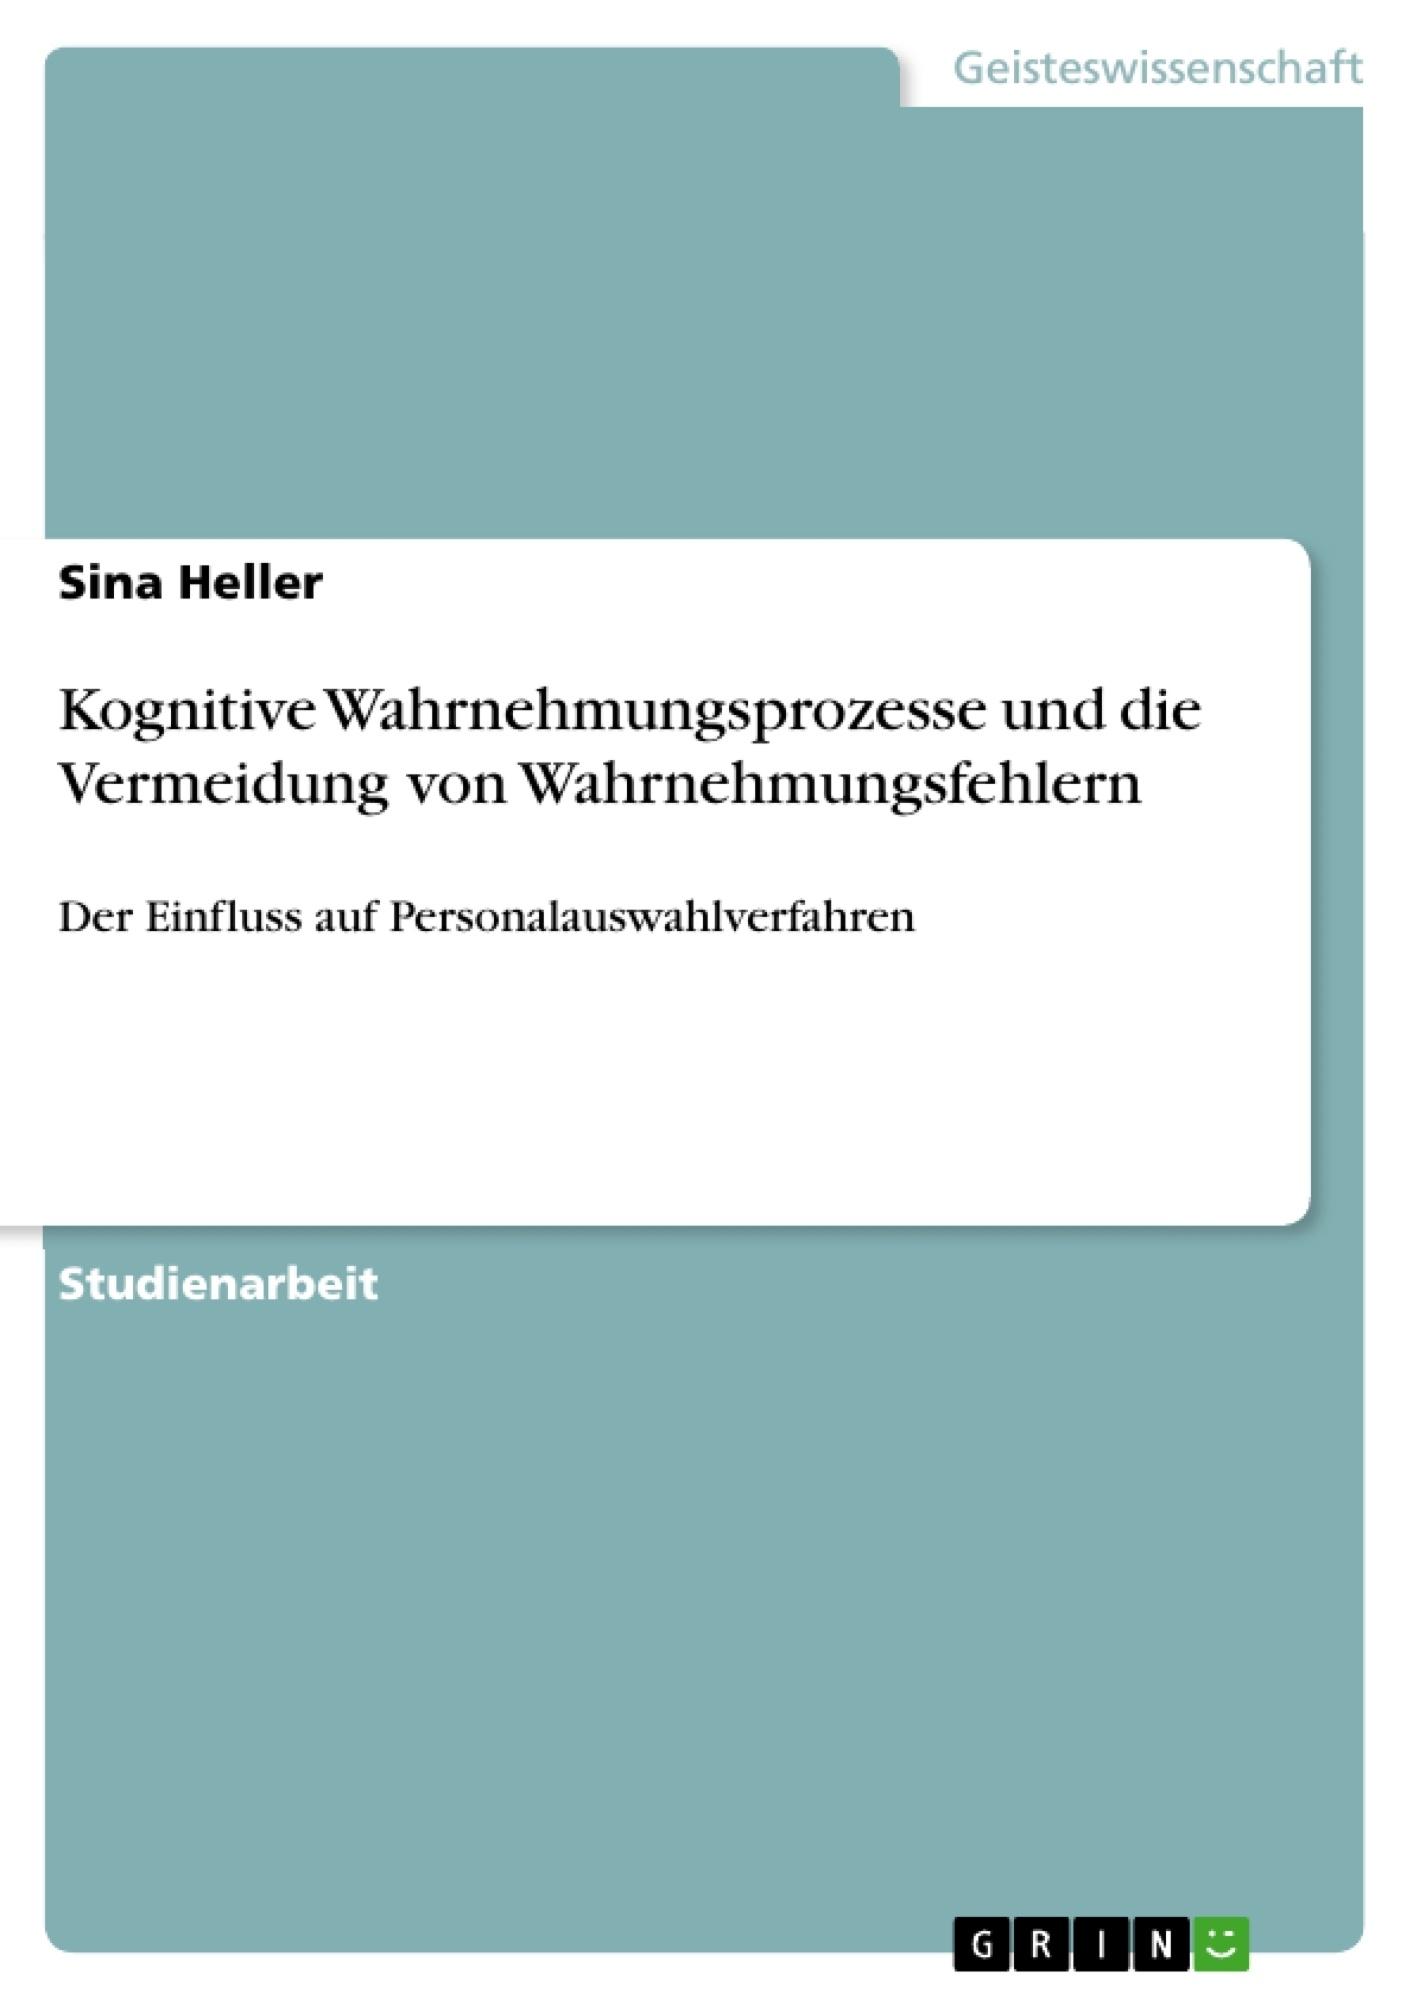 Titel: Kognitive Wahrnehmungsprozesse und die Vermeidung von Wahrnehmungsfehlern